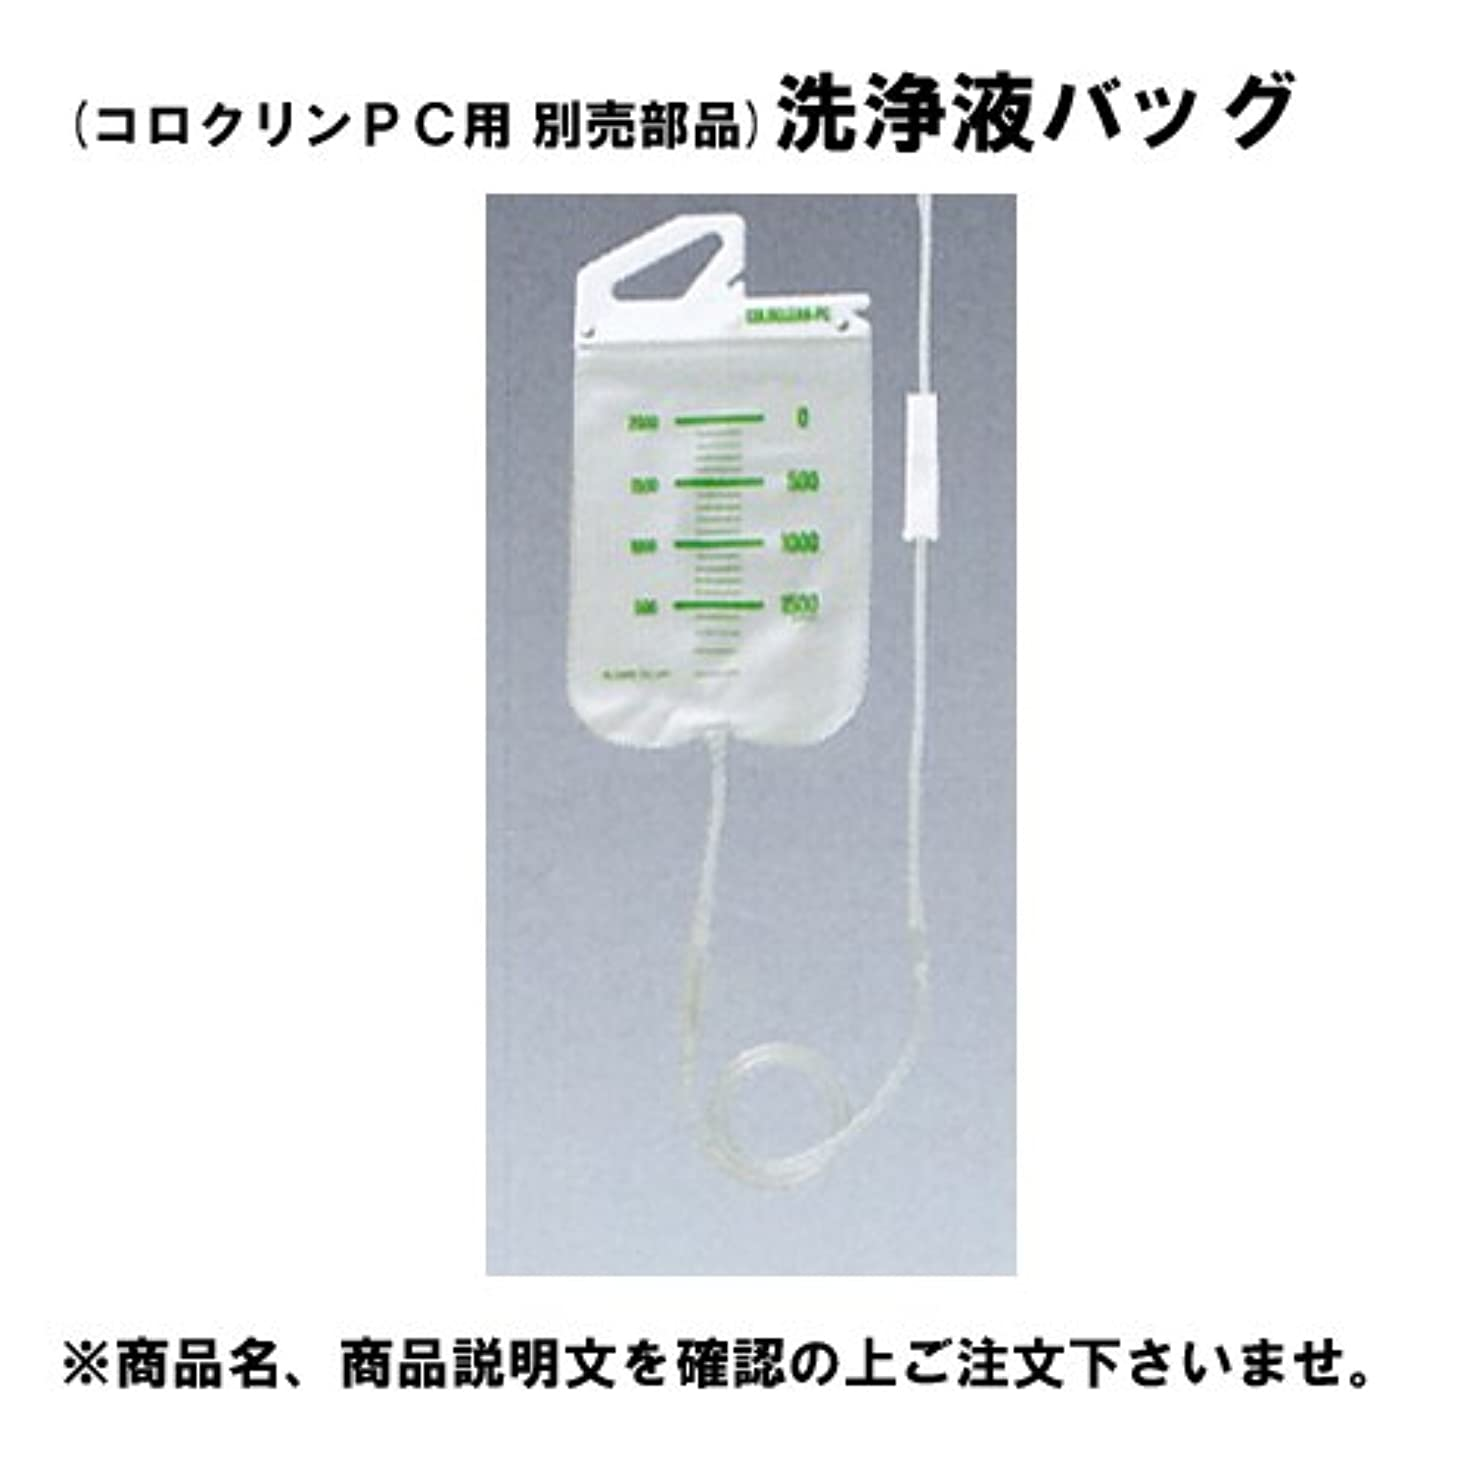 集める落胆した頻繁に〔アルケア〕コロクリンPC用部品 洗浄液バッグ 容量2000ml(ロールクランプ付)×1個入〔品番:13411〕